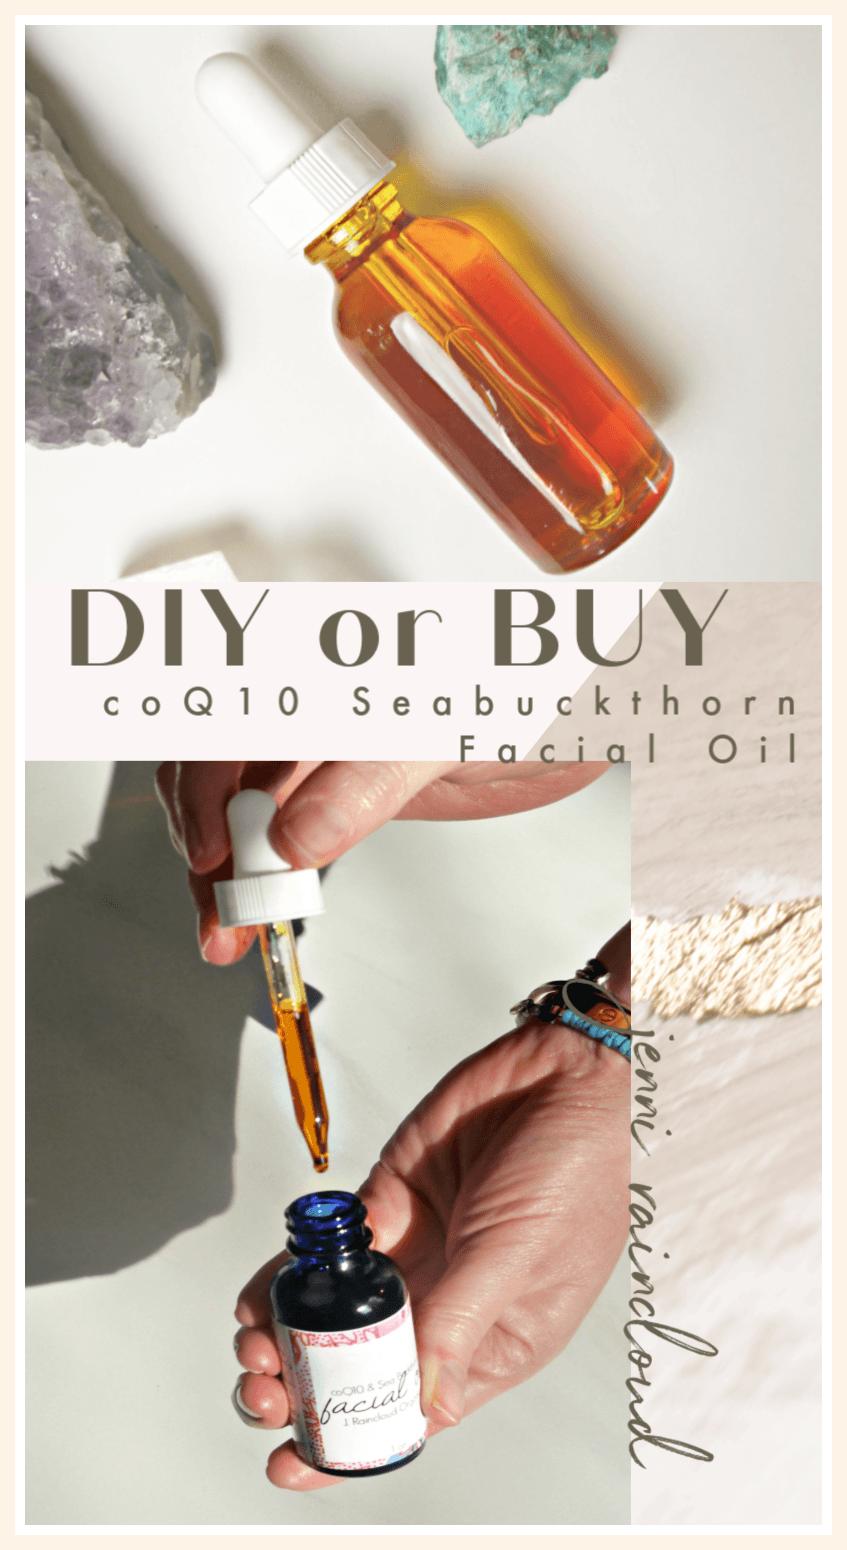 DIY or BUY Facial Oil